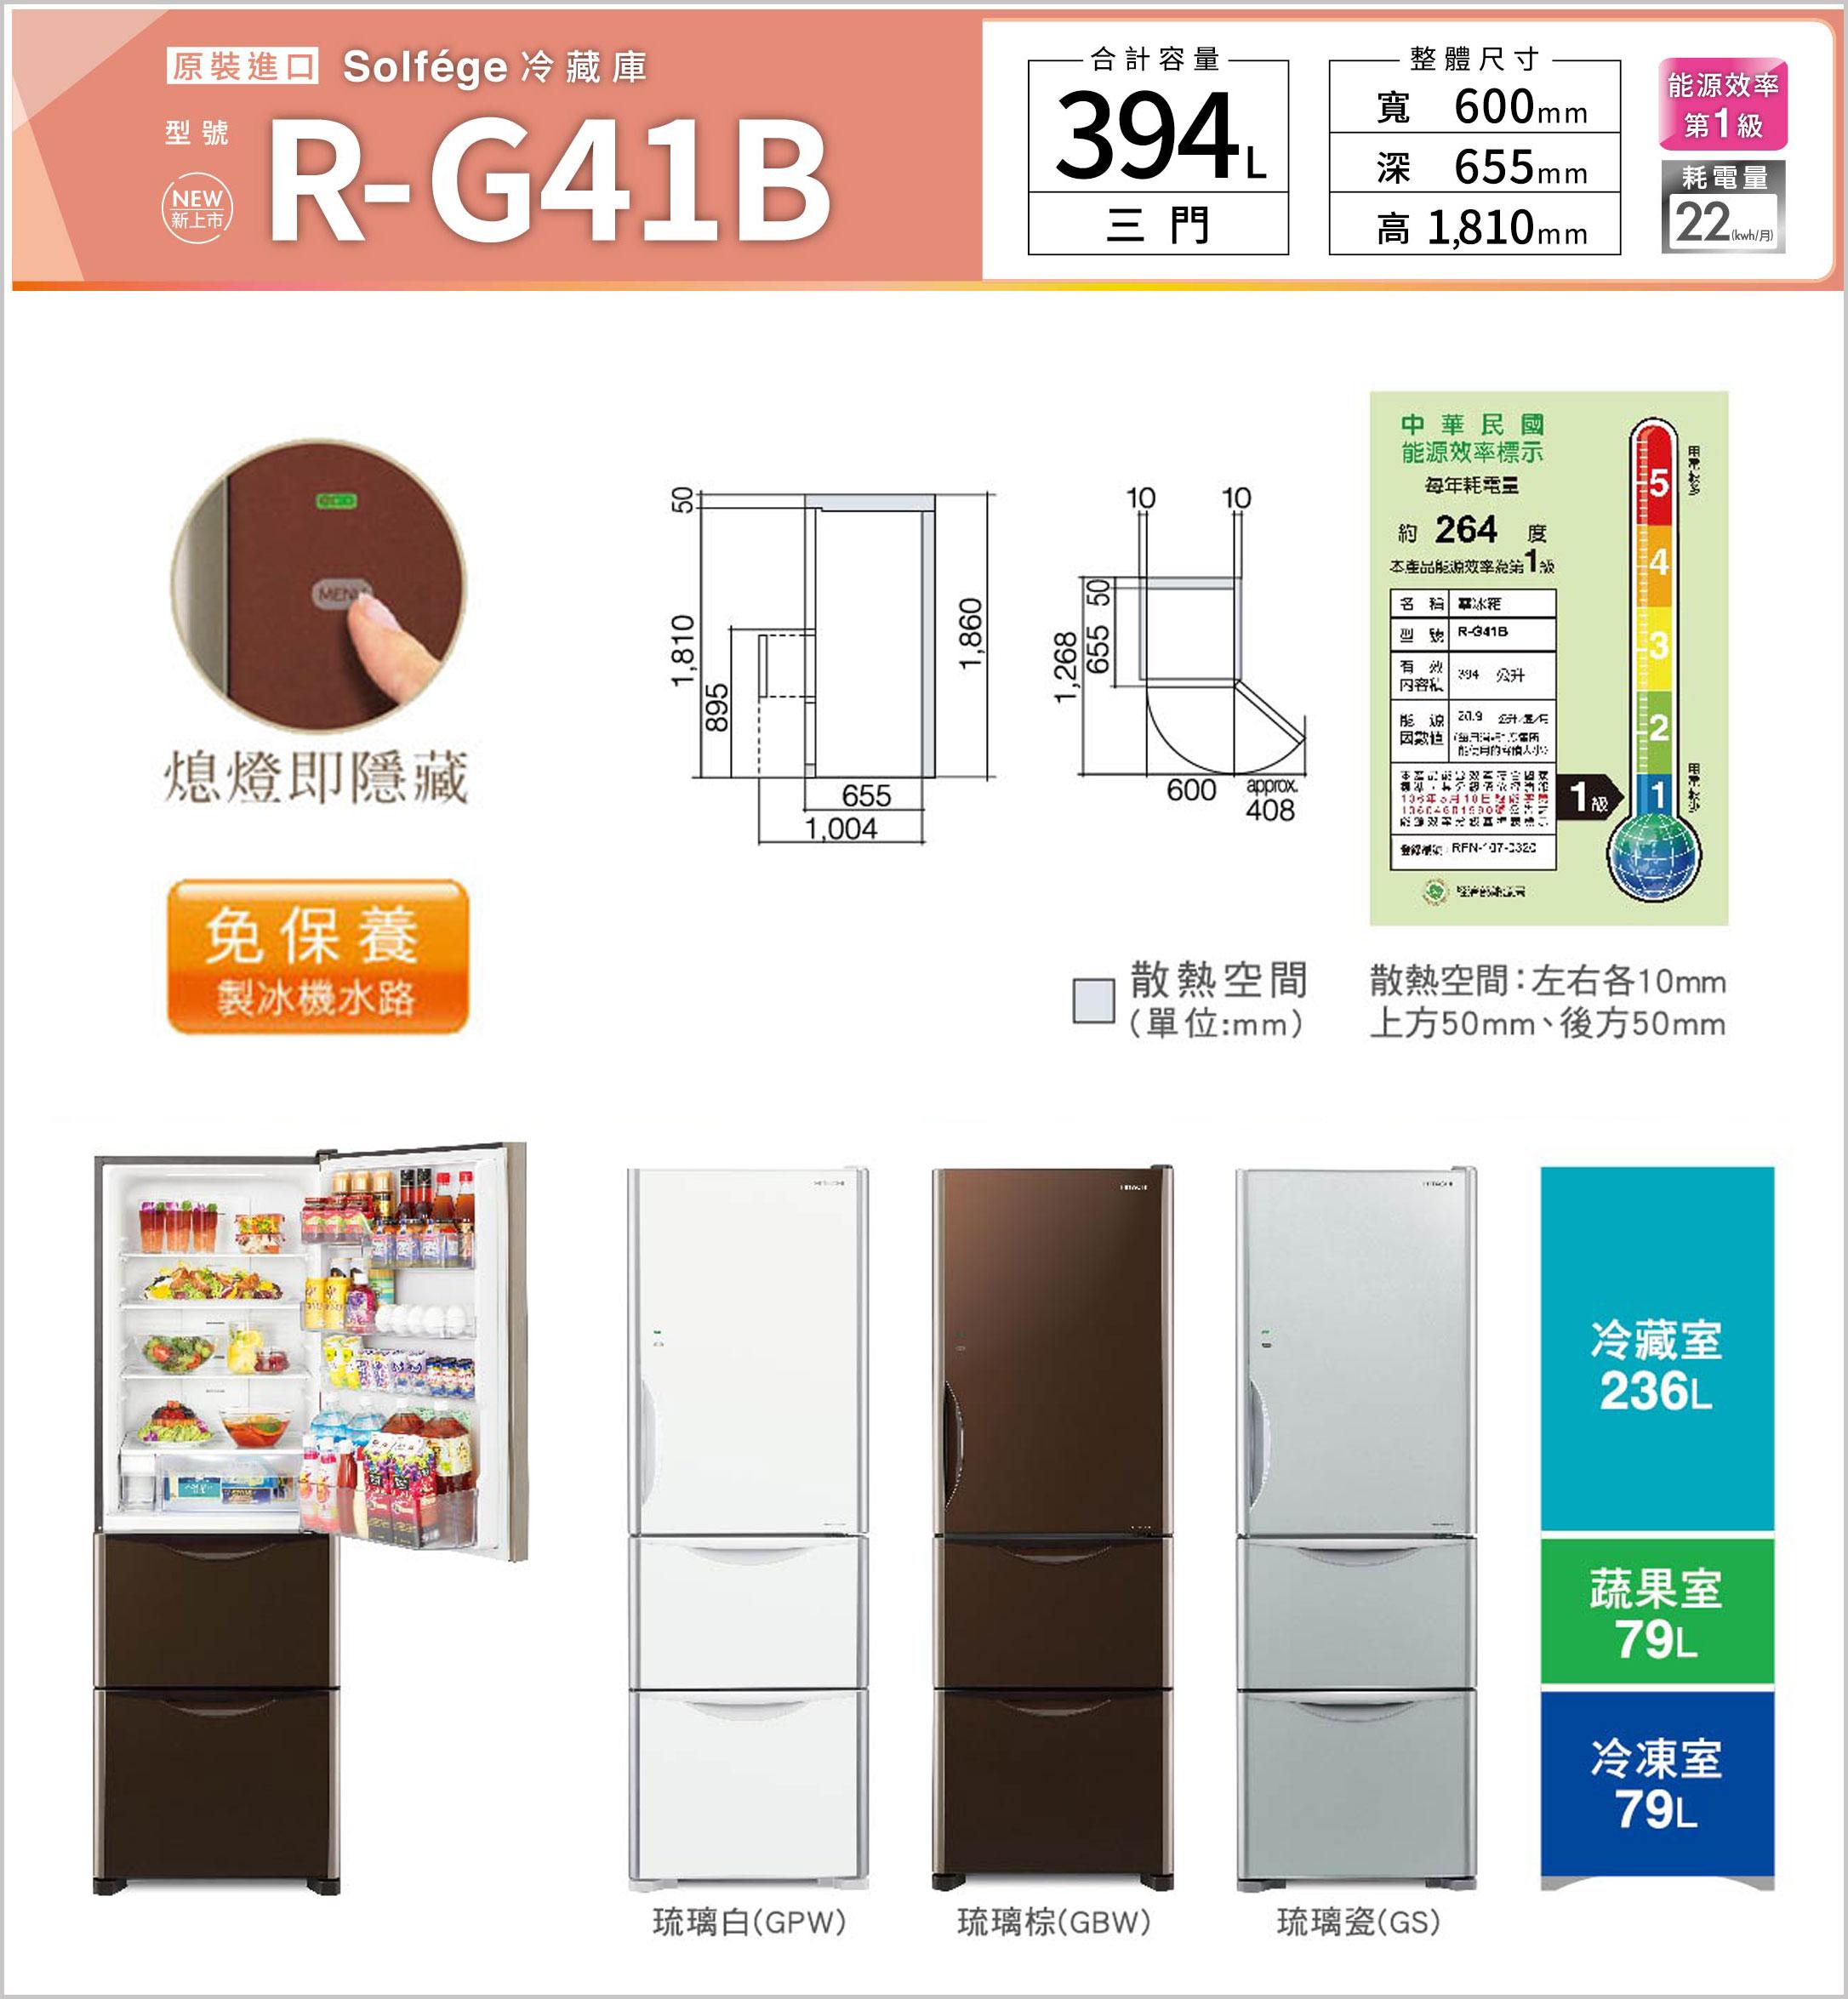 三門琉璃 RG41B(New)